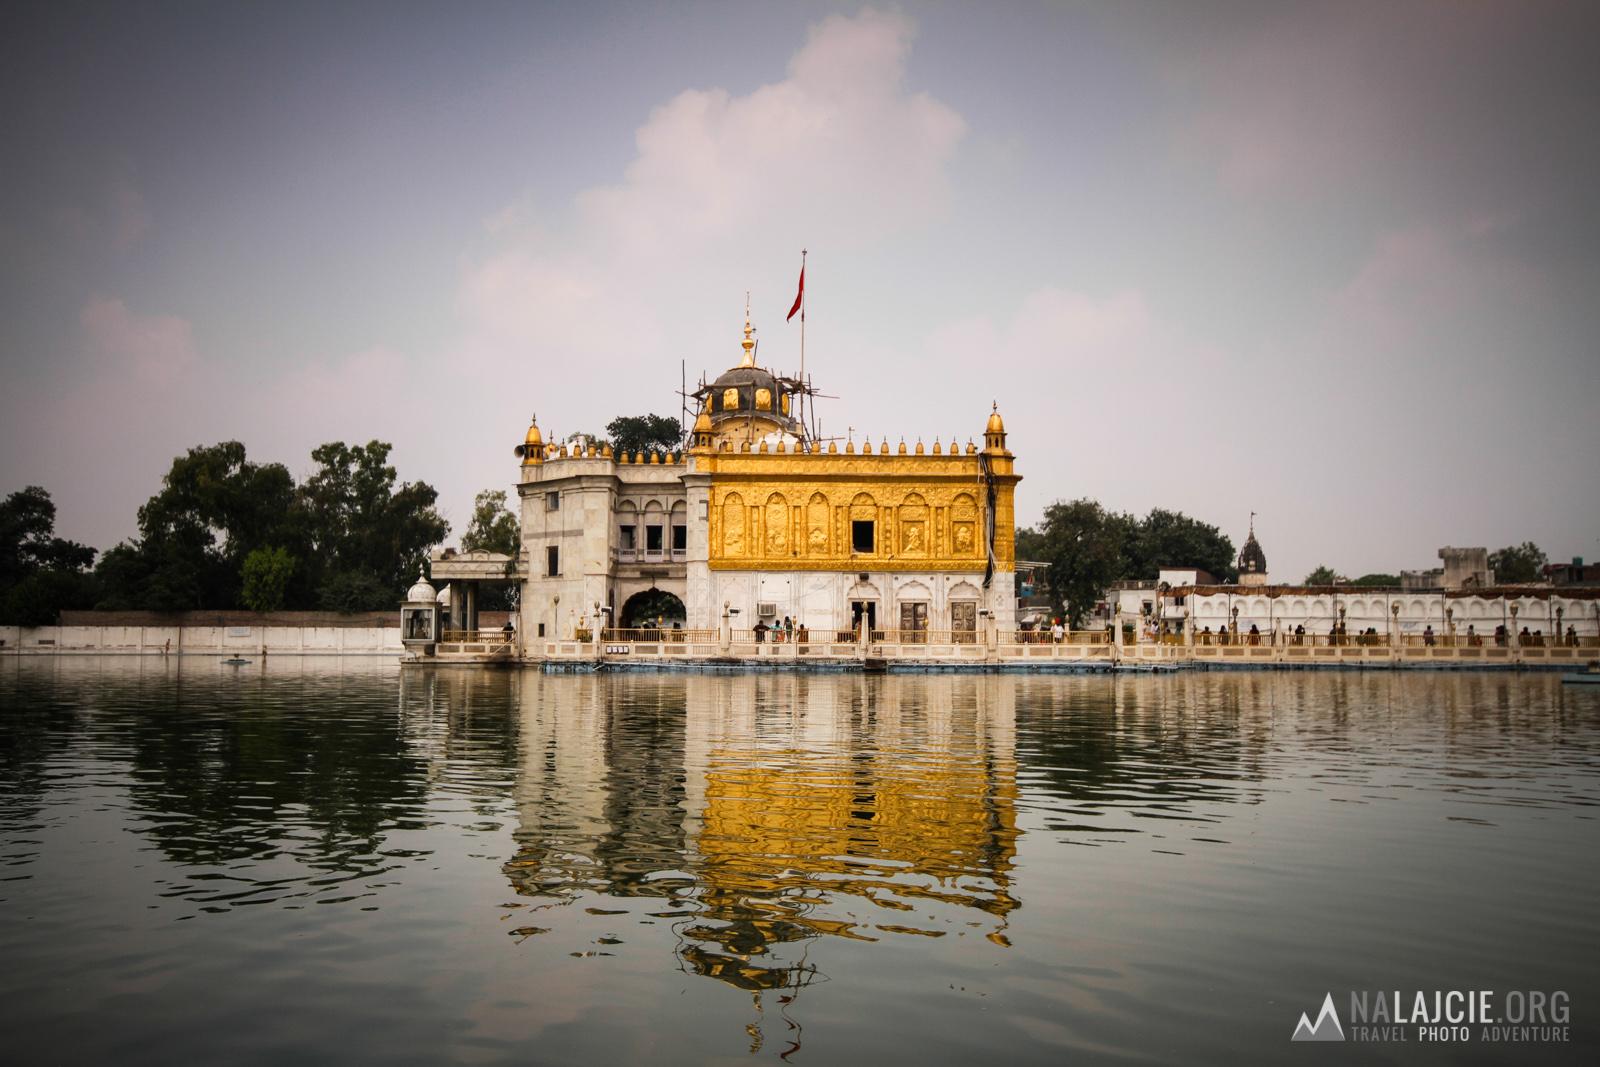 Tzw. Silver Temple - Hinduska świątynia zrobiona na podobieństwo tej Sikhów